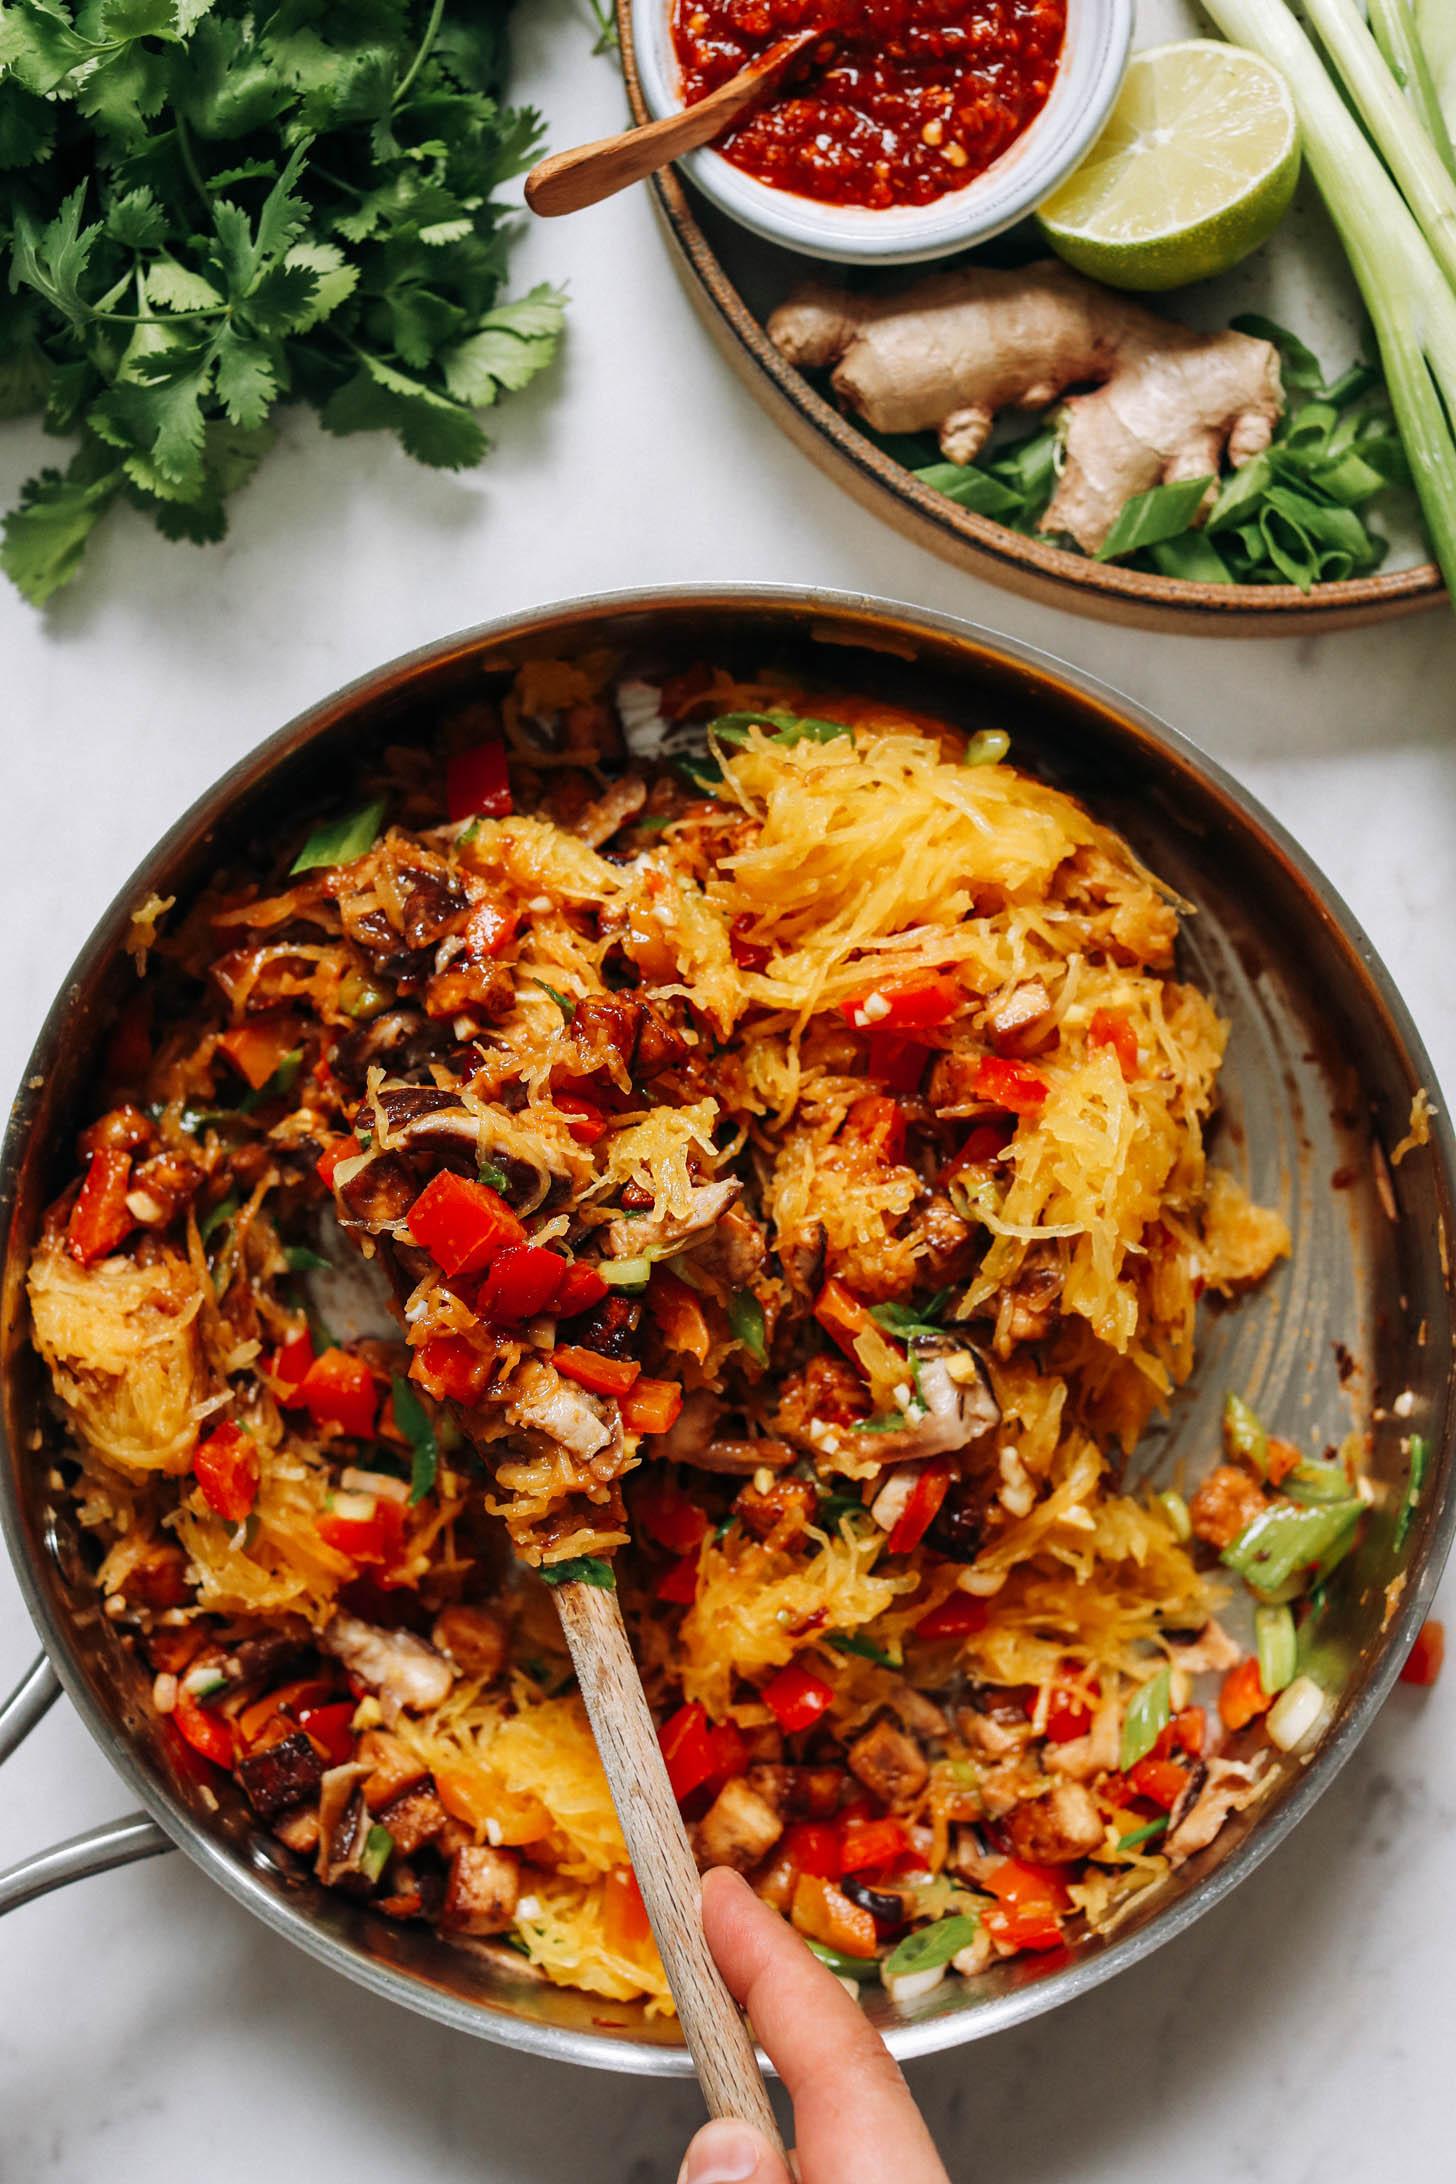 Bir tavada spagetti kabağı karıştırarak biber ve mantarla kızartın